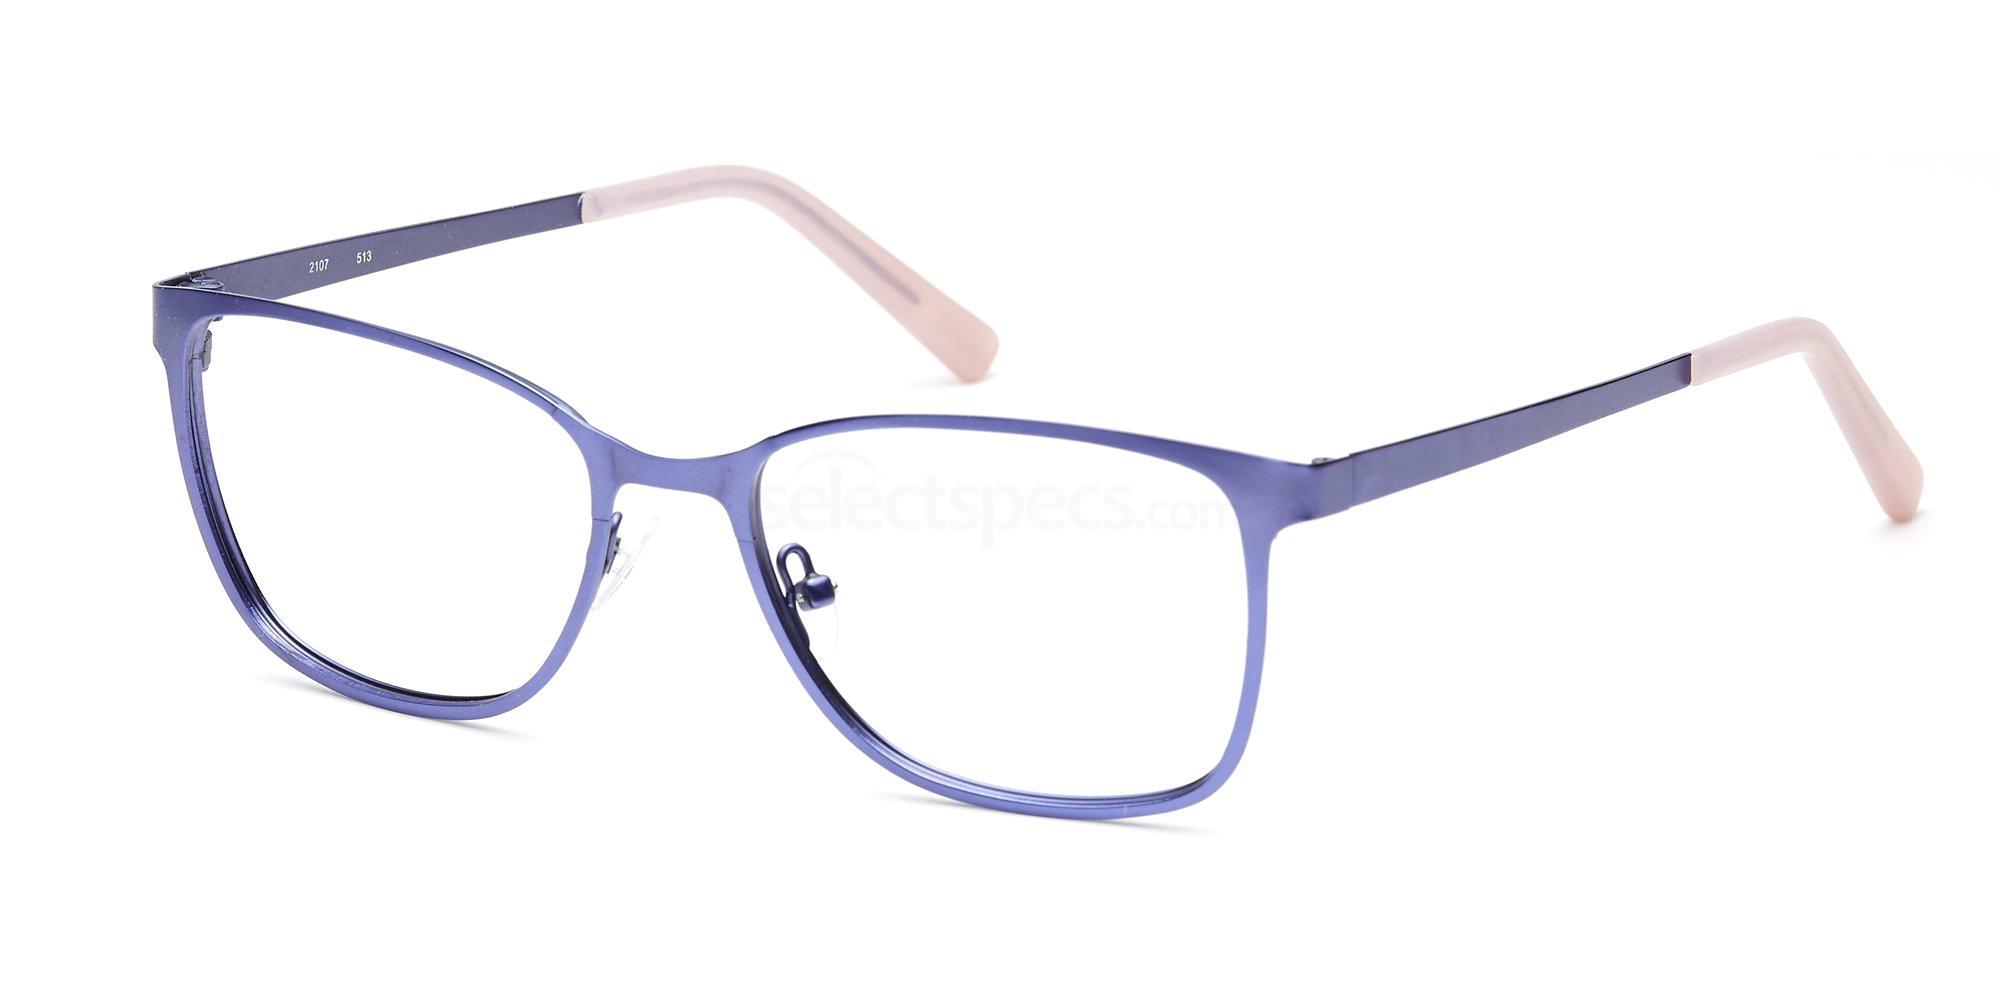 flextra glasses women